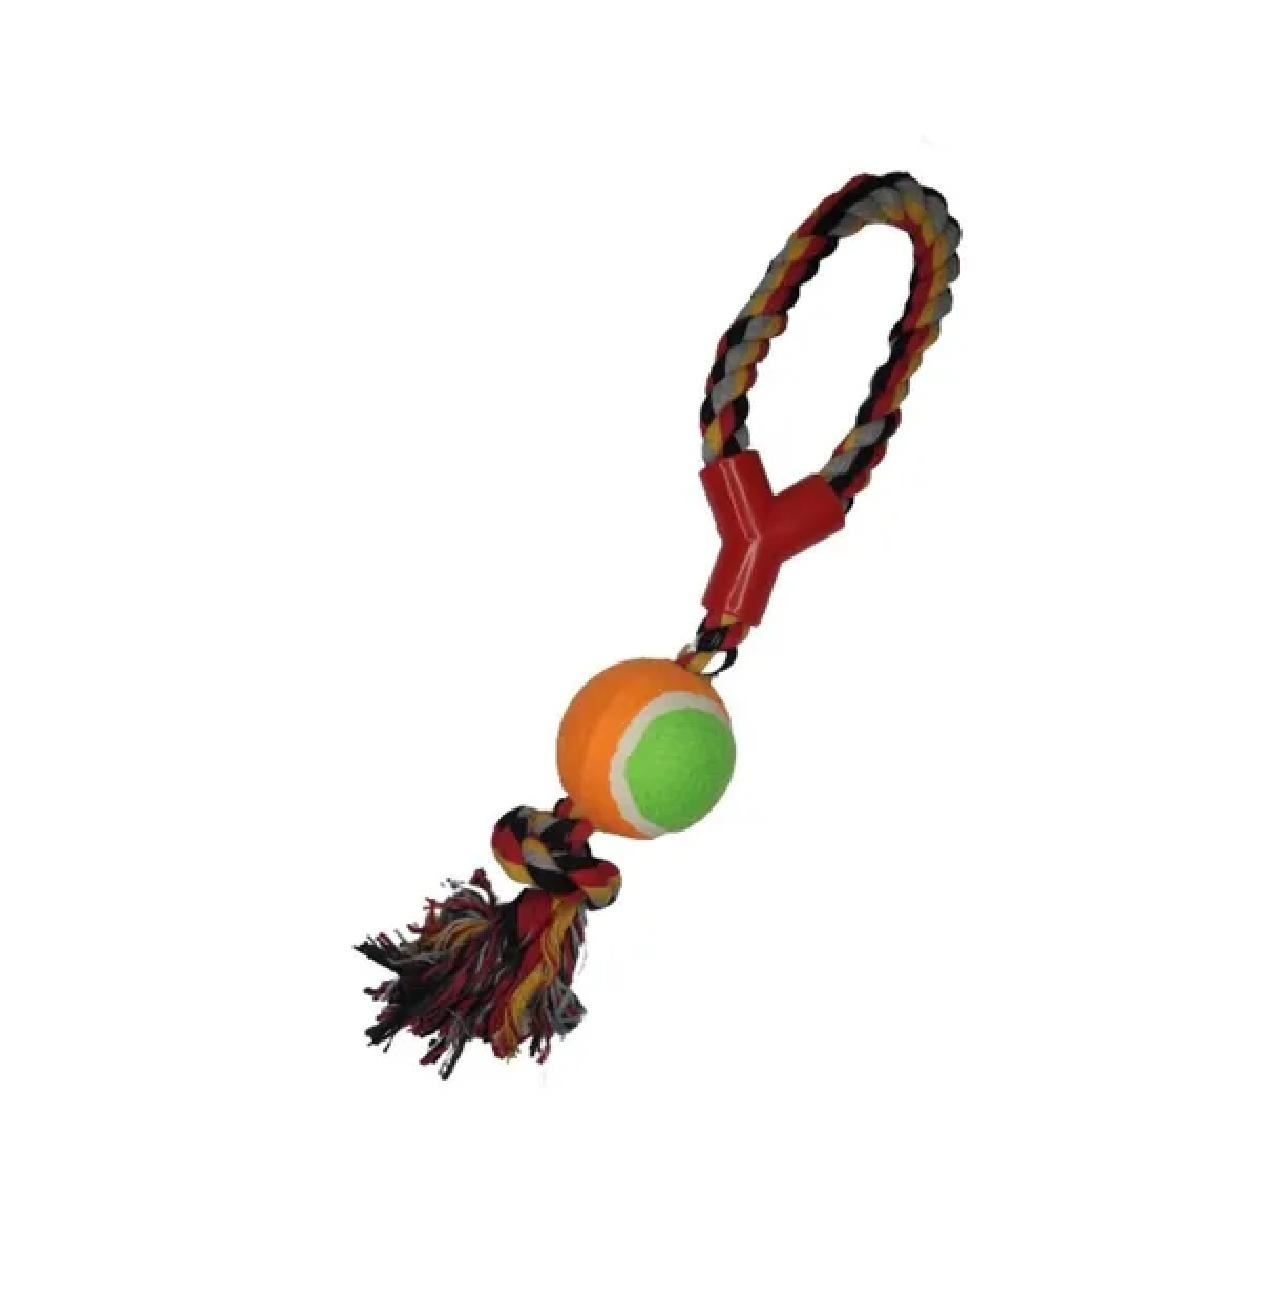 Brinquedo Cães Mordedor Forca Com Bola De Tenis Chalesco